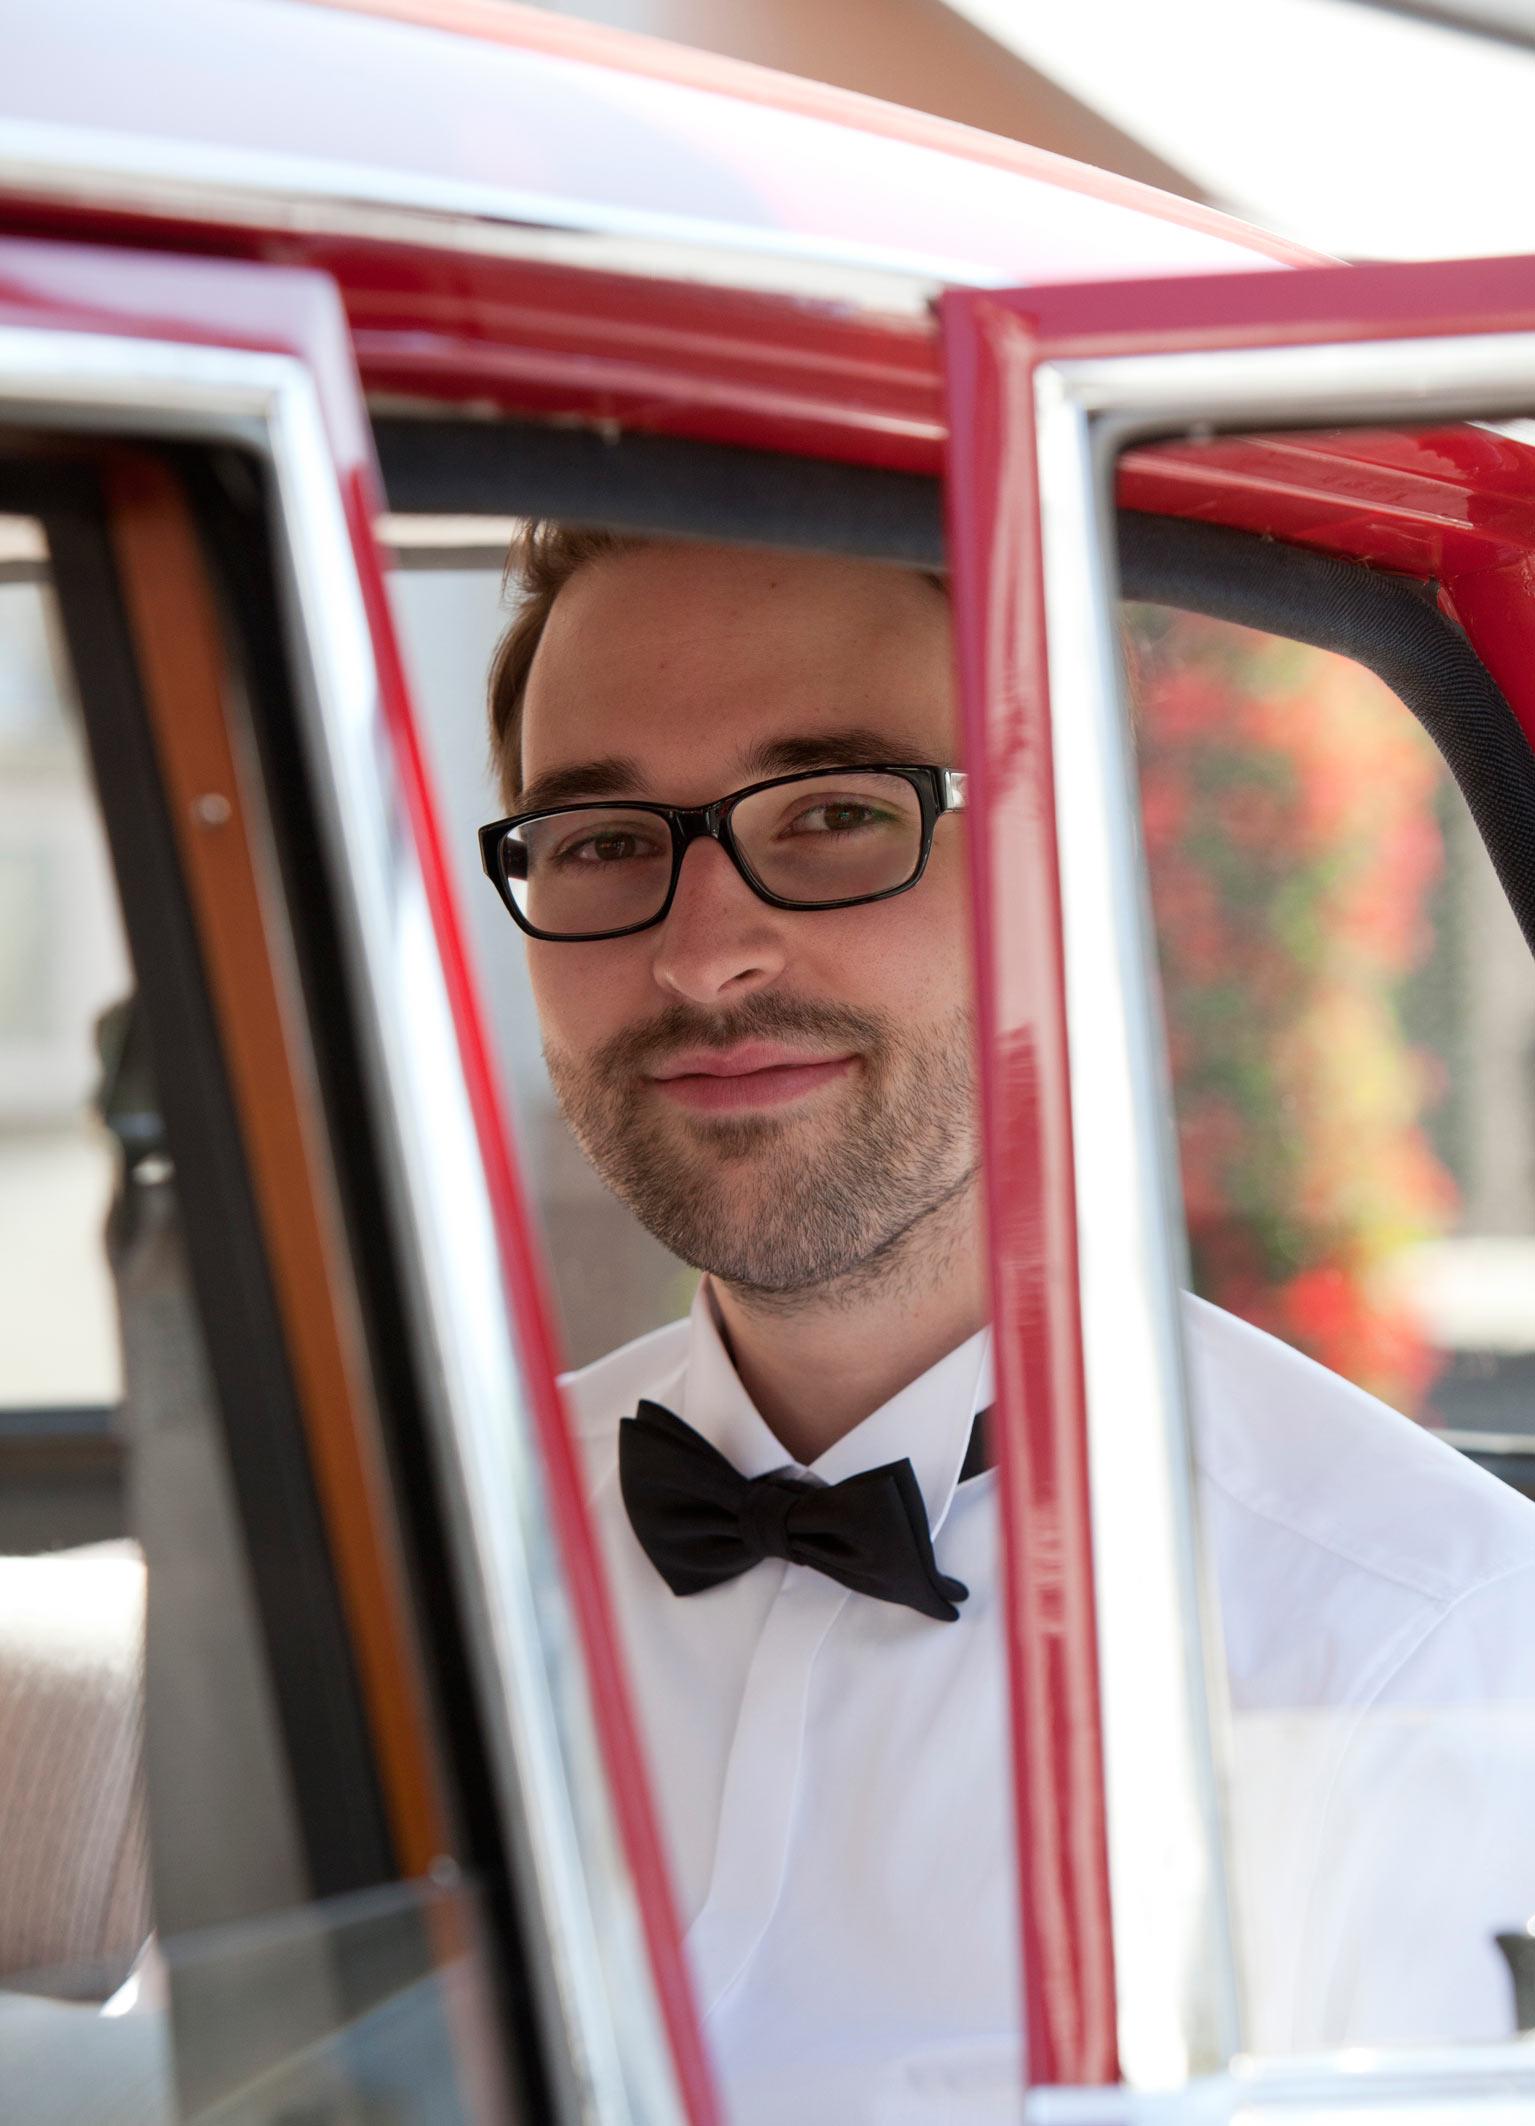 Der Bräutigam sitzt in einem roten Auto. Er trägt eine schwarze Brille und eine schwarze Fliege.